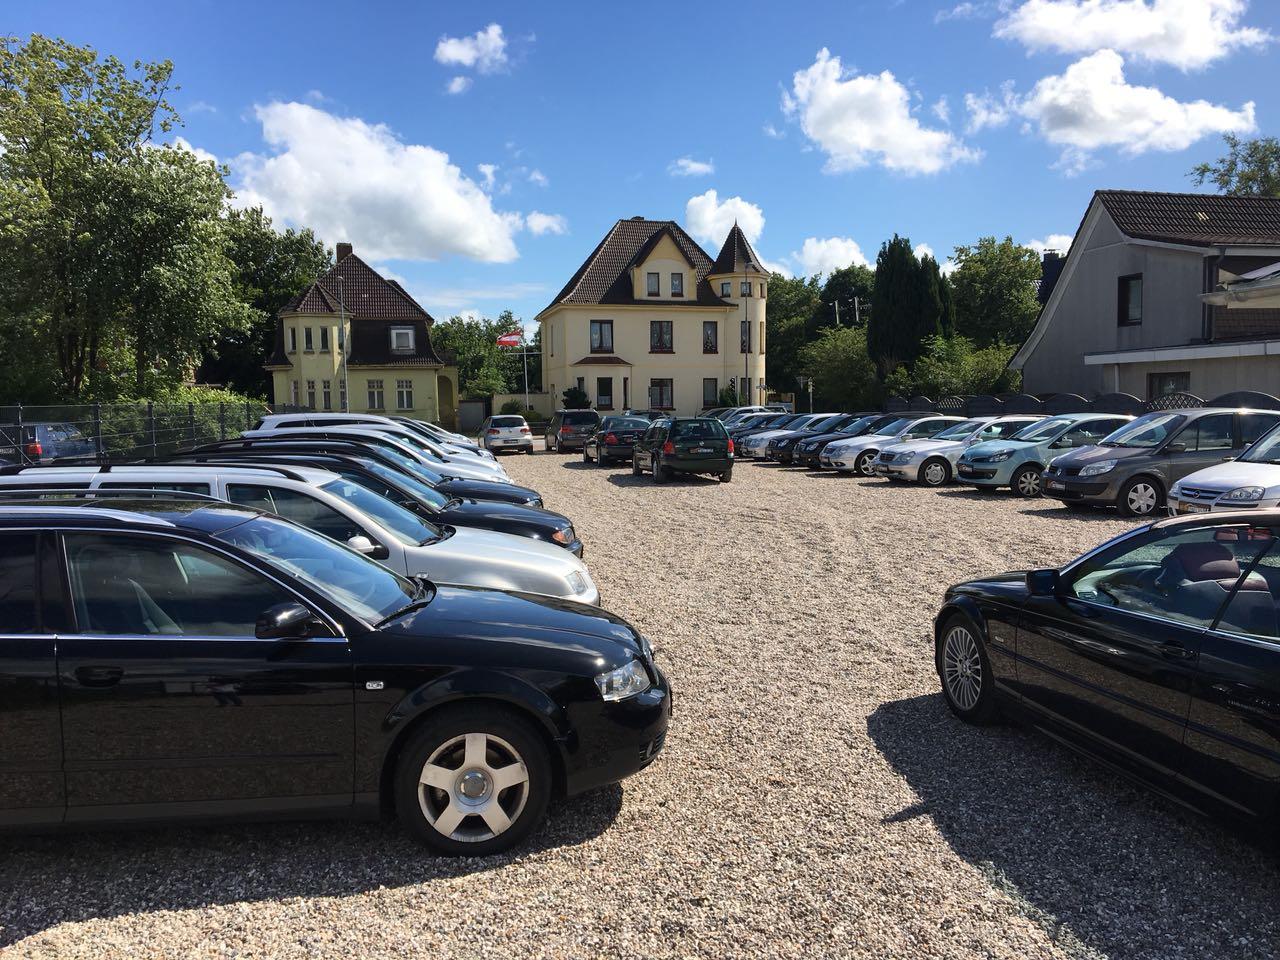 Heide Automobile - Gebrauchtwagenhändler in Dithmarschen